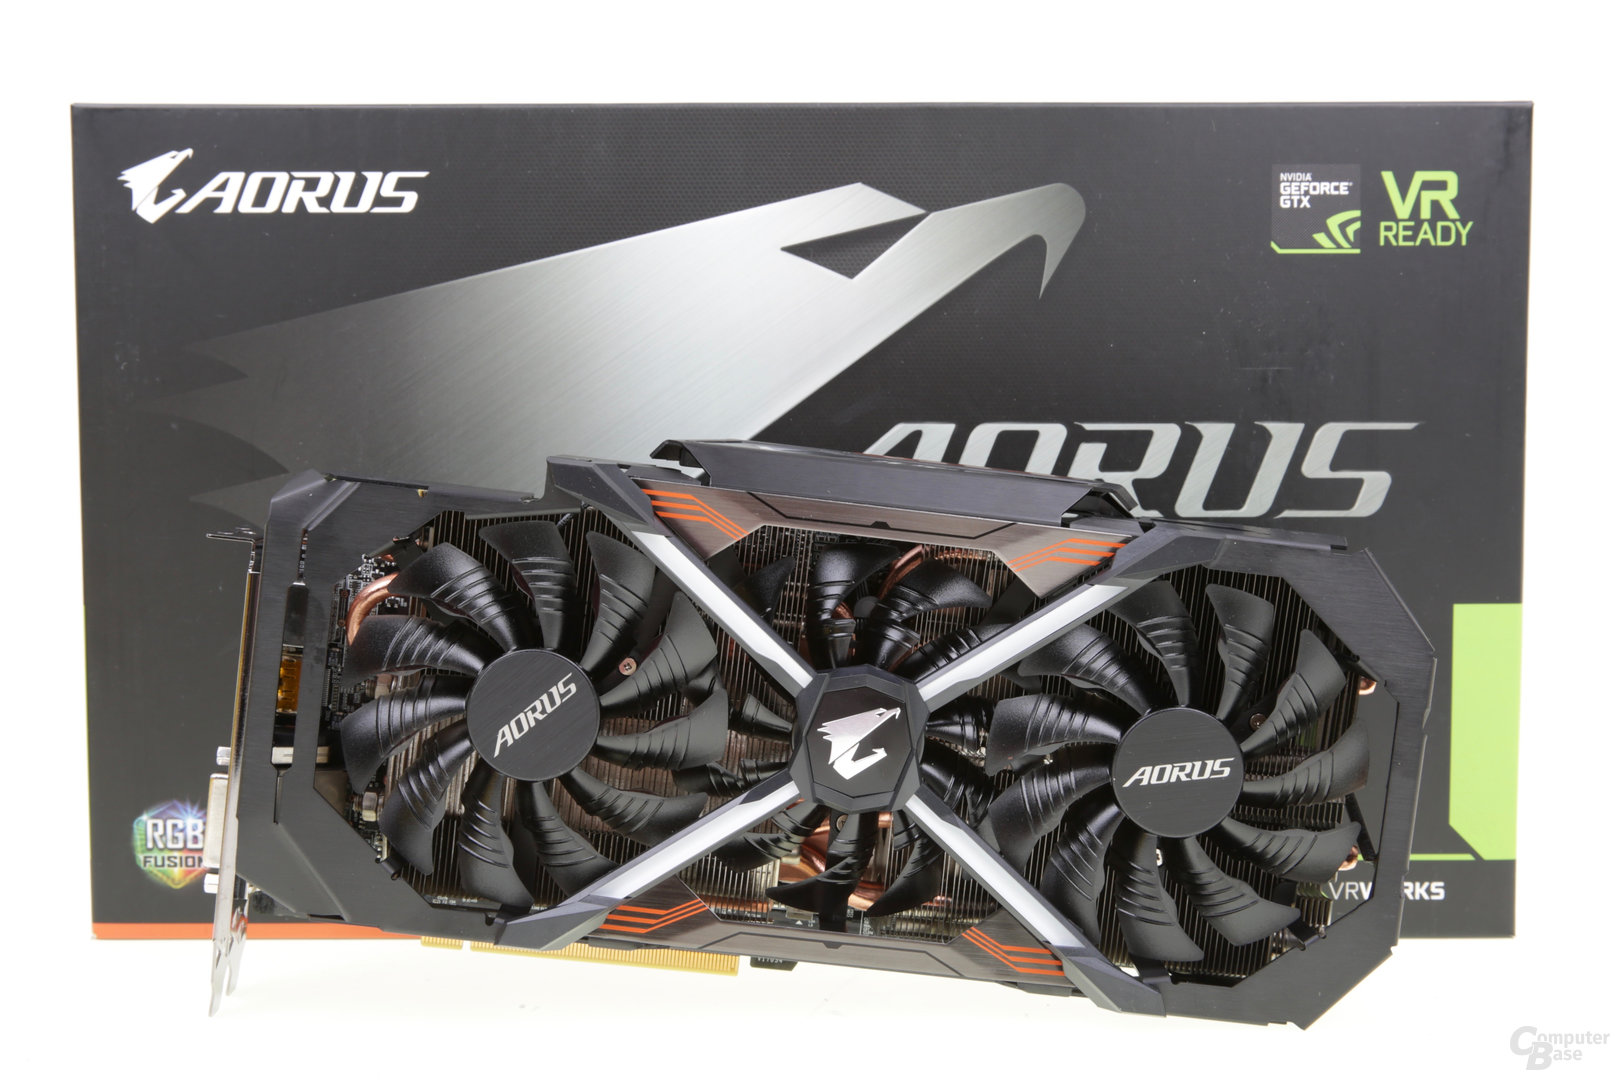 Die Gigabyte Aorus GeForce GTX 1080 Ti im Test